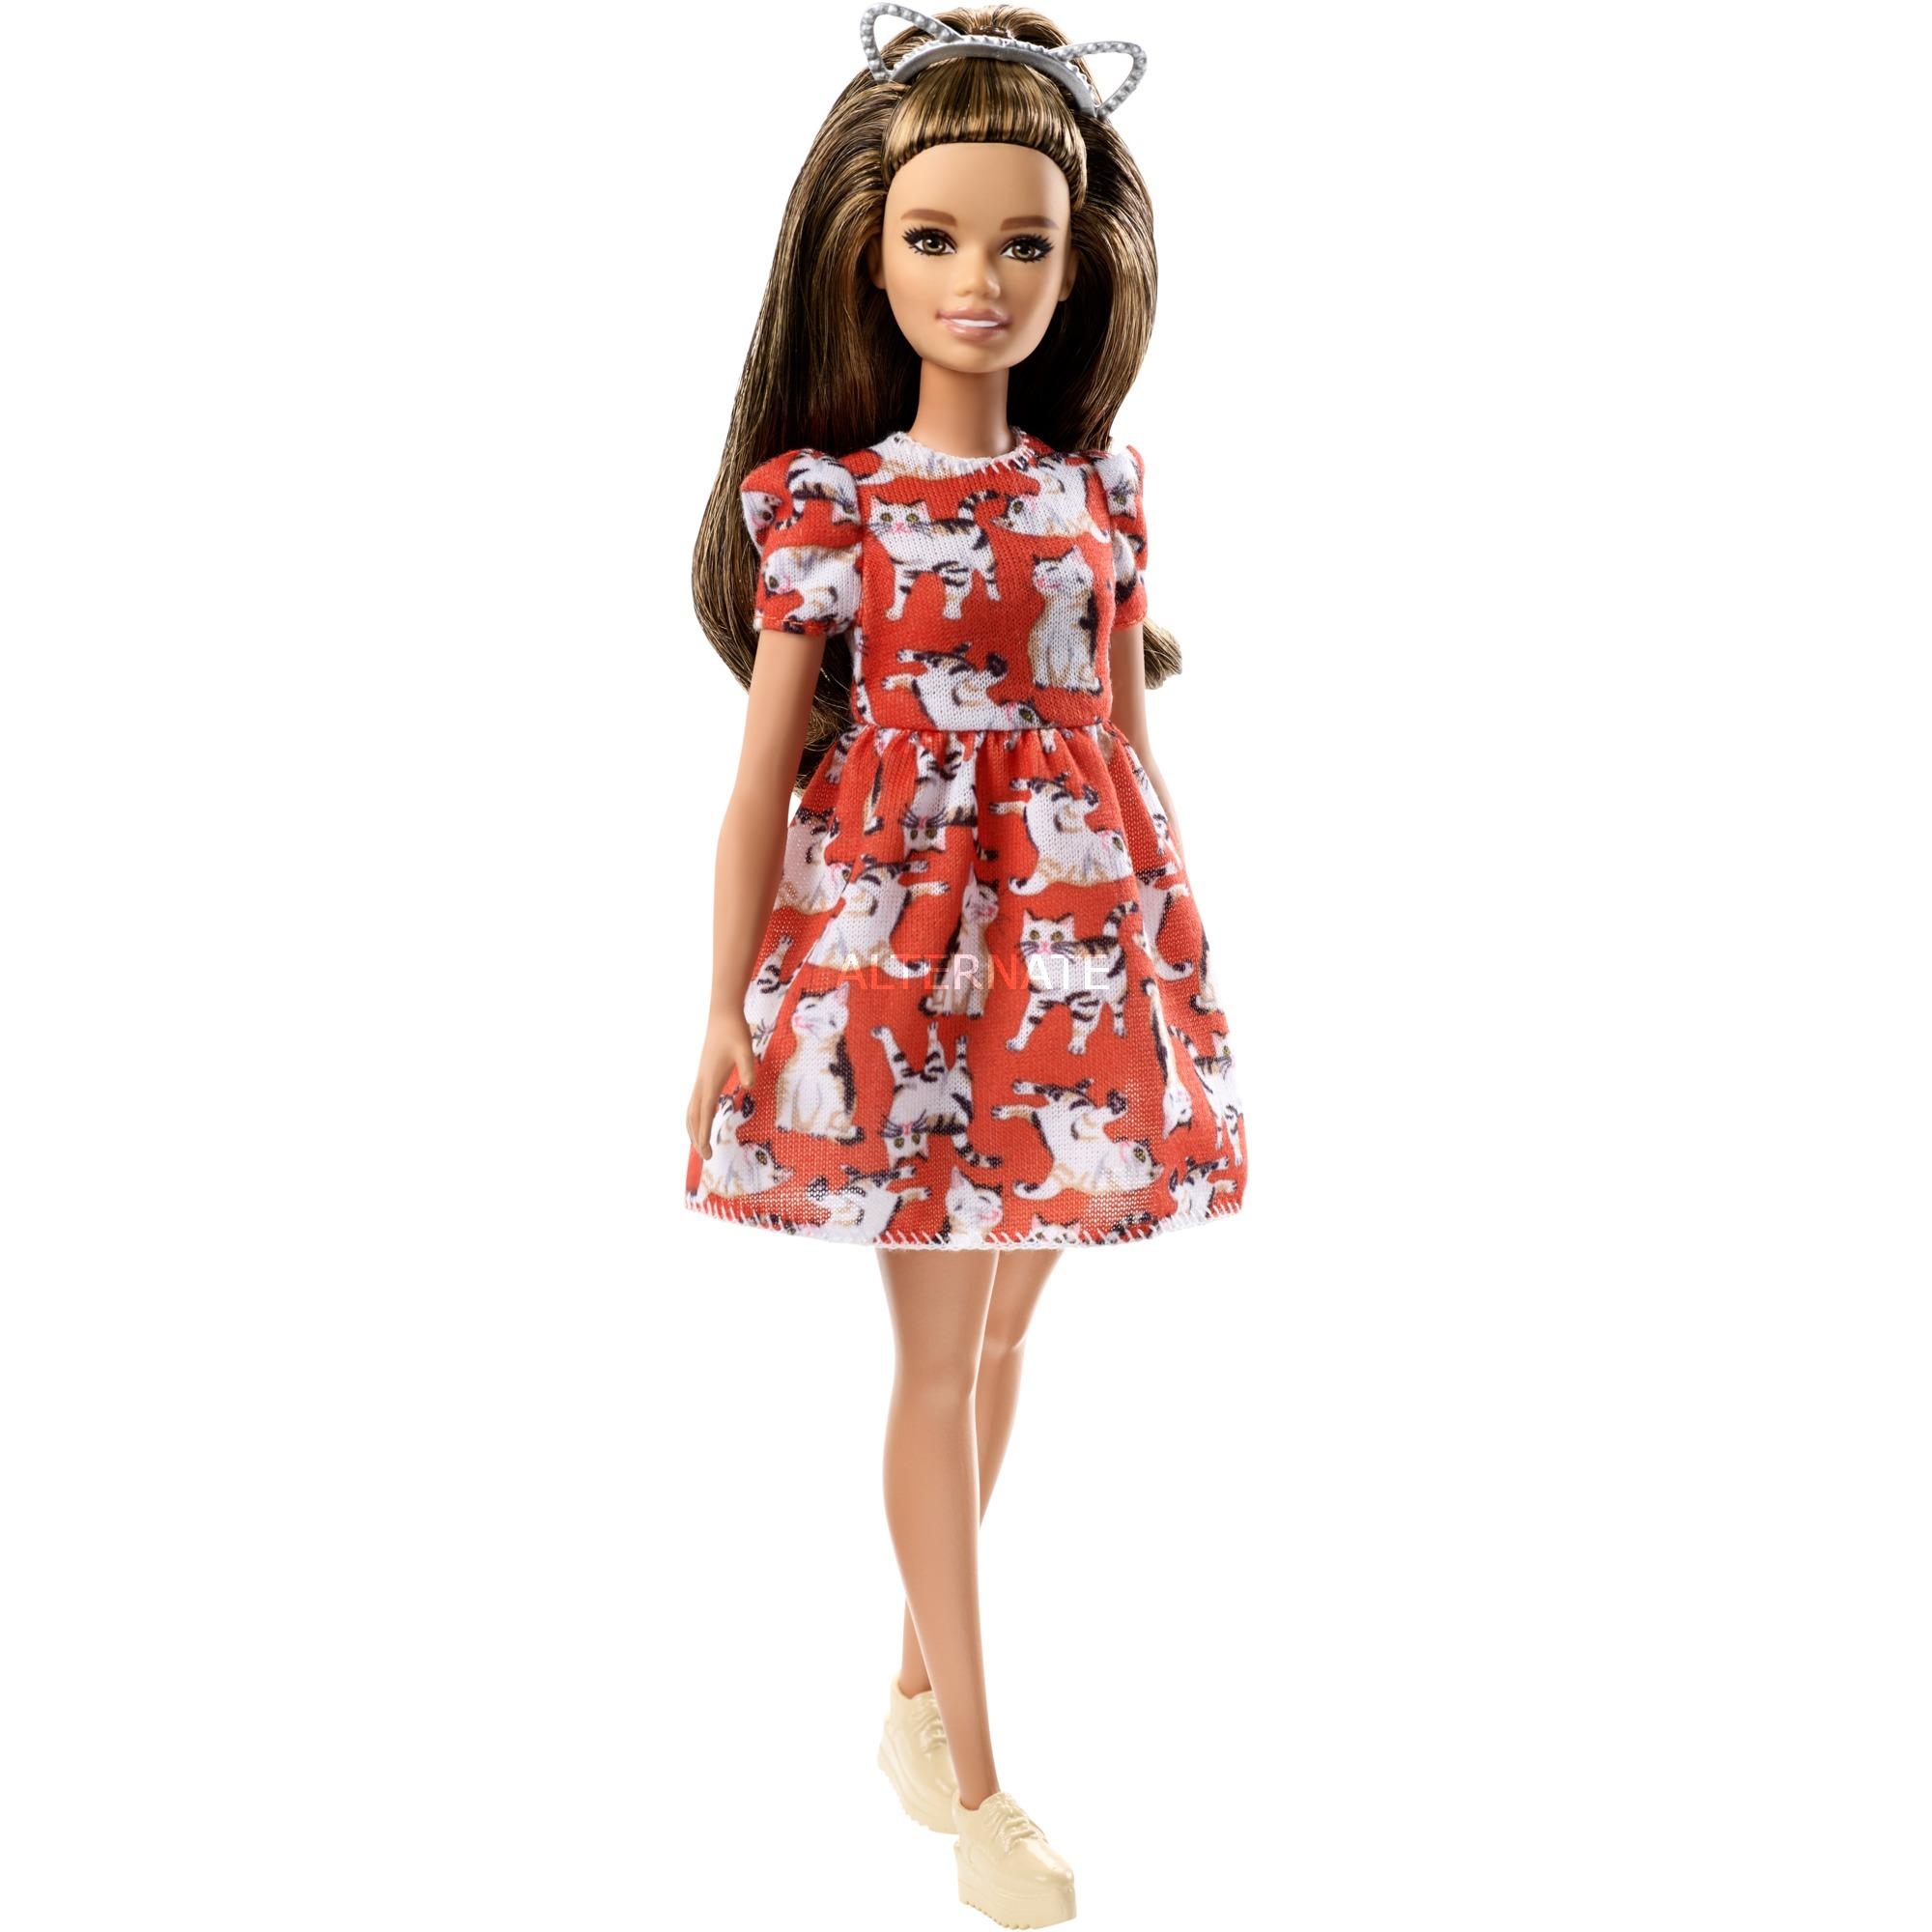 Barbie Mattel Fashionista Dukke Fjf57 Kitty Dress Petite P4fdHx4